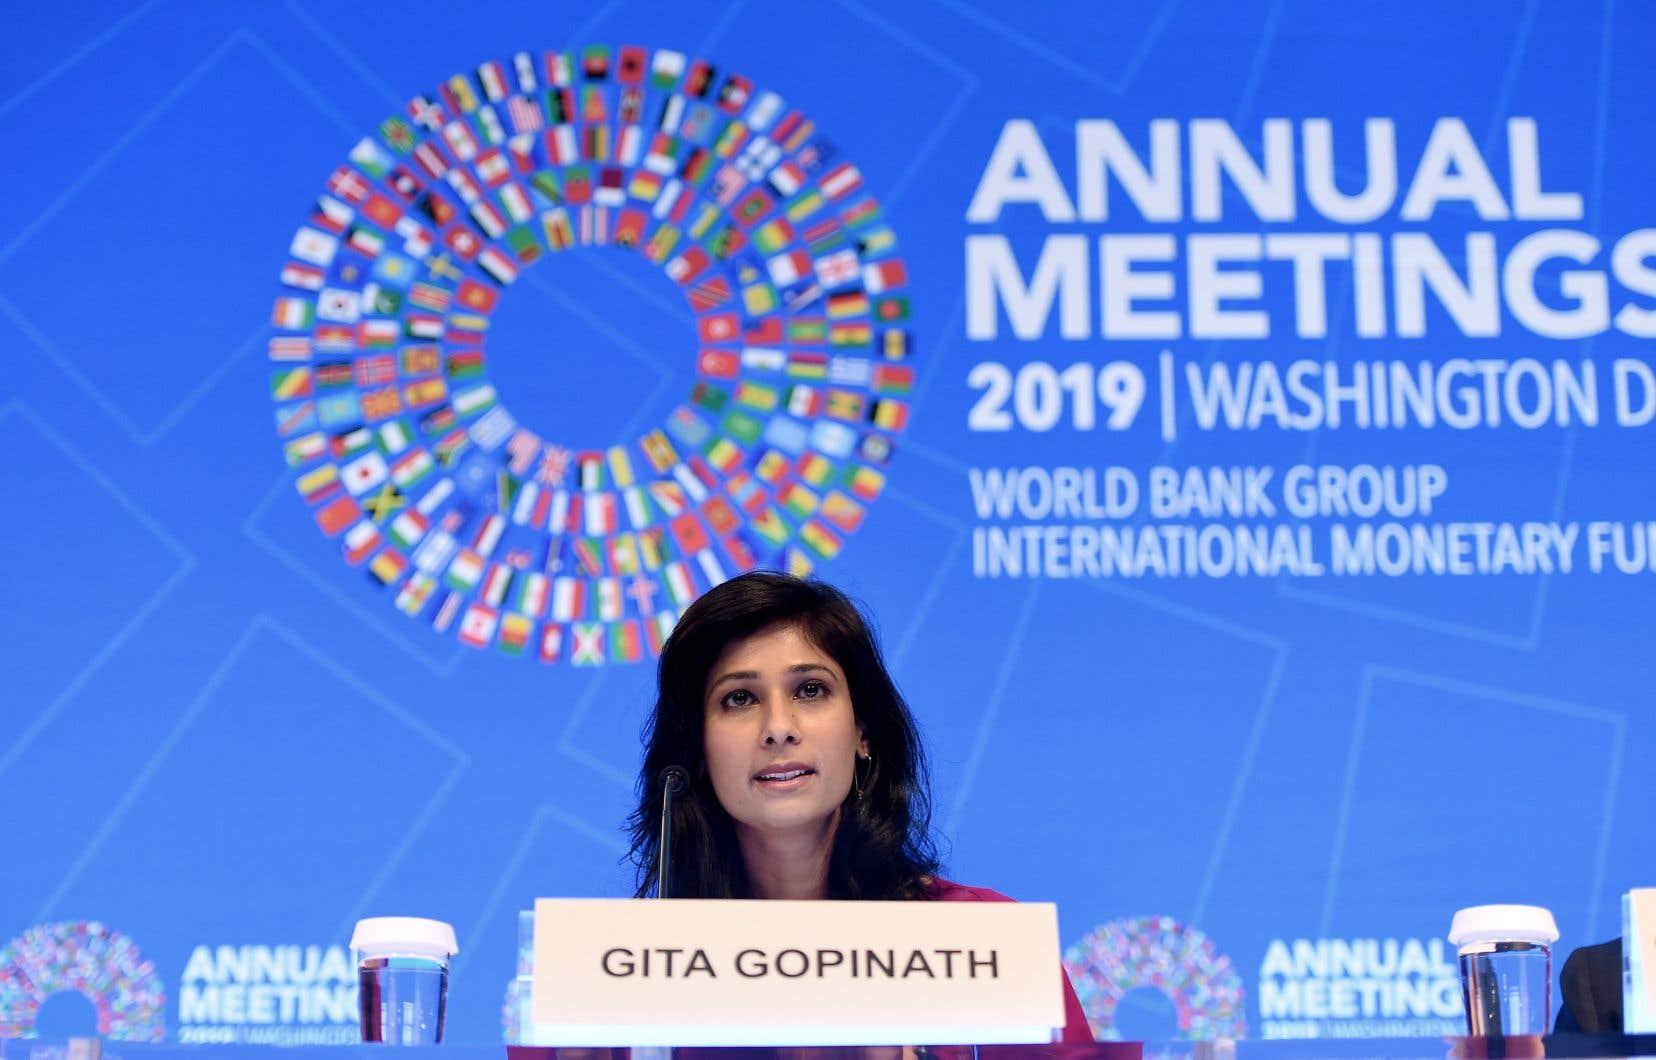 En dévoilant les dernières prévisions de l'organisation pour 2019, Gita Gopinath, l'économiste en chef du FMI, a pressé les décideurs politiques de réduire «urgemment» les tensions commerciales.